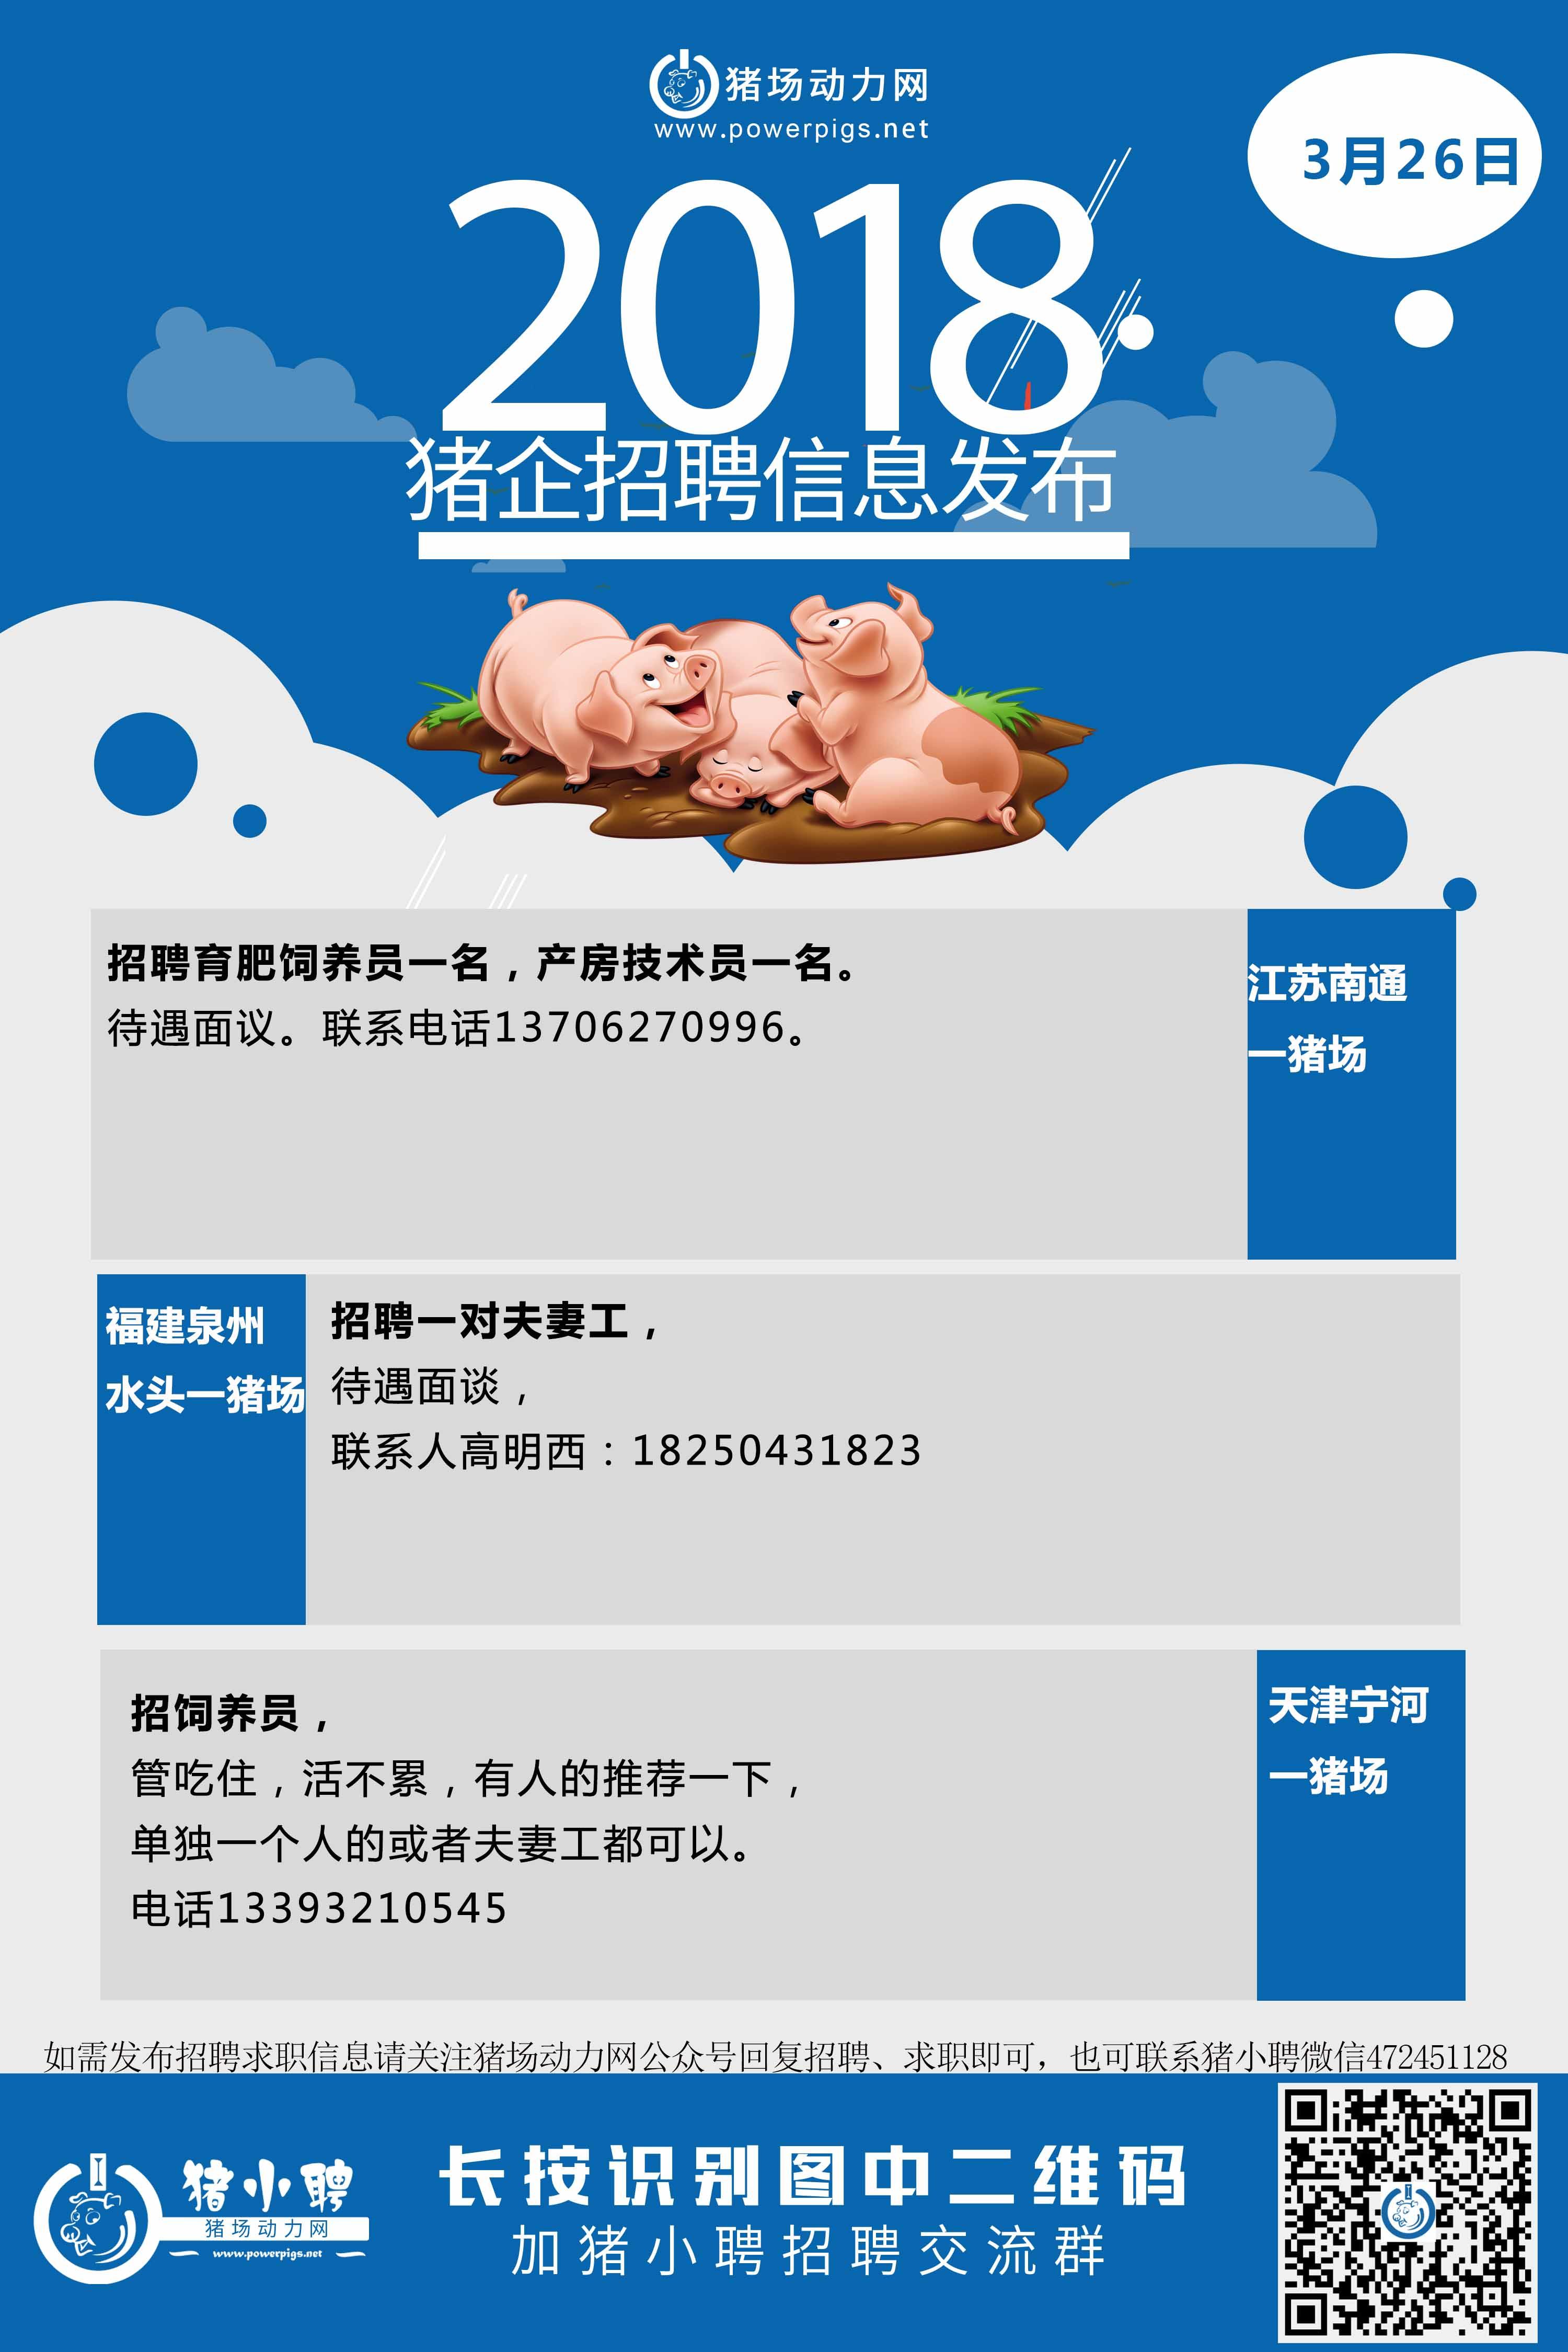 3.26日猪场招聘.jpg